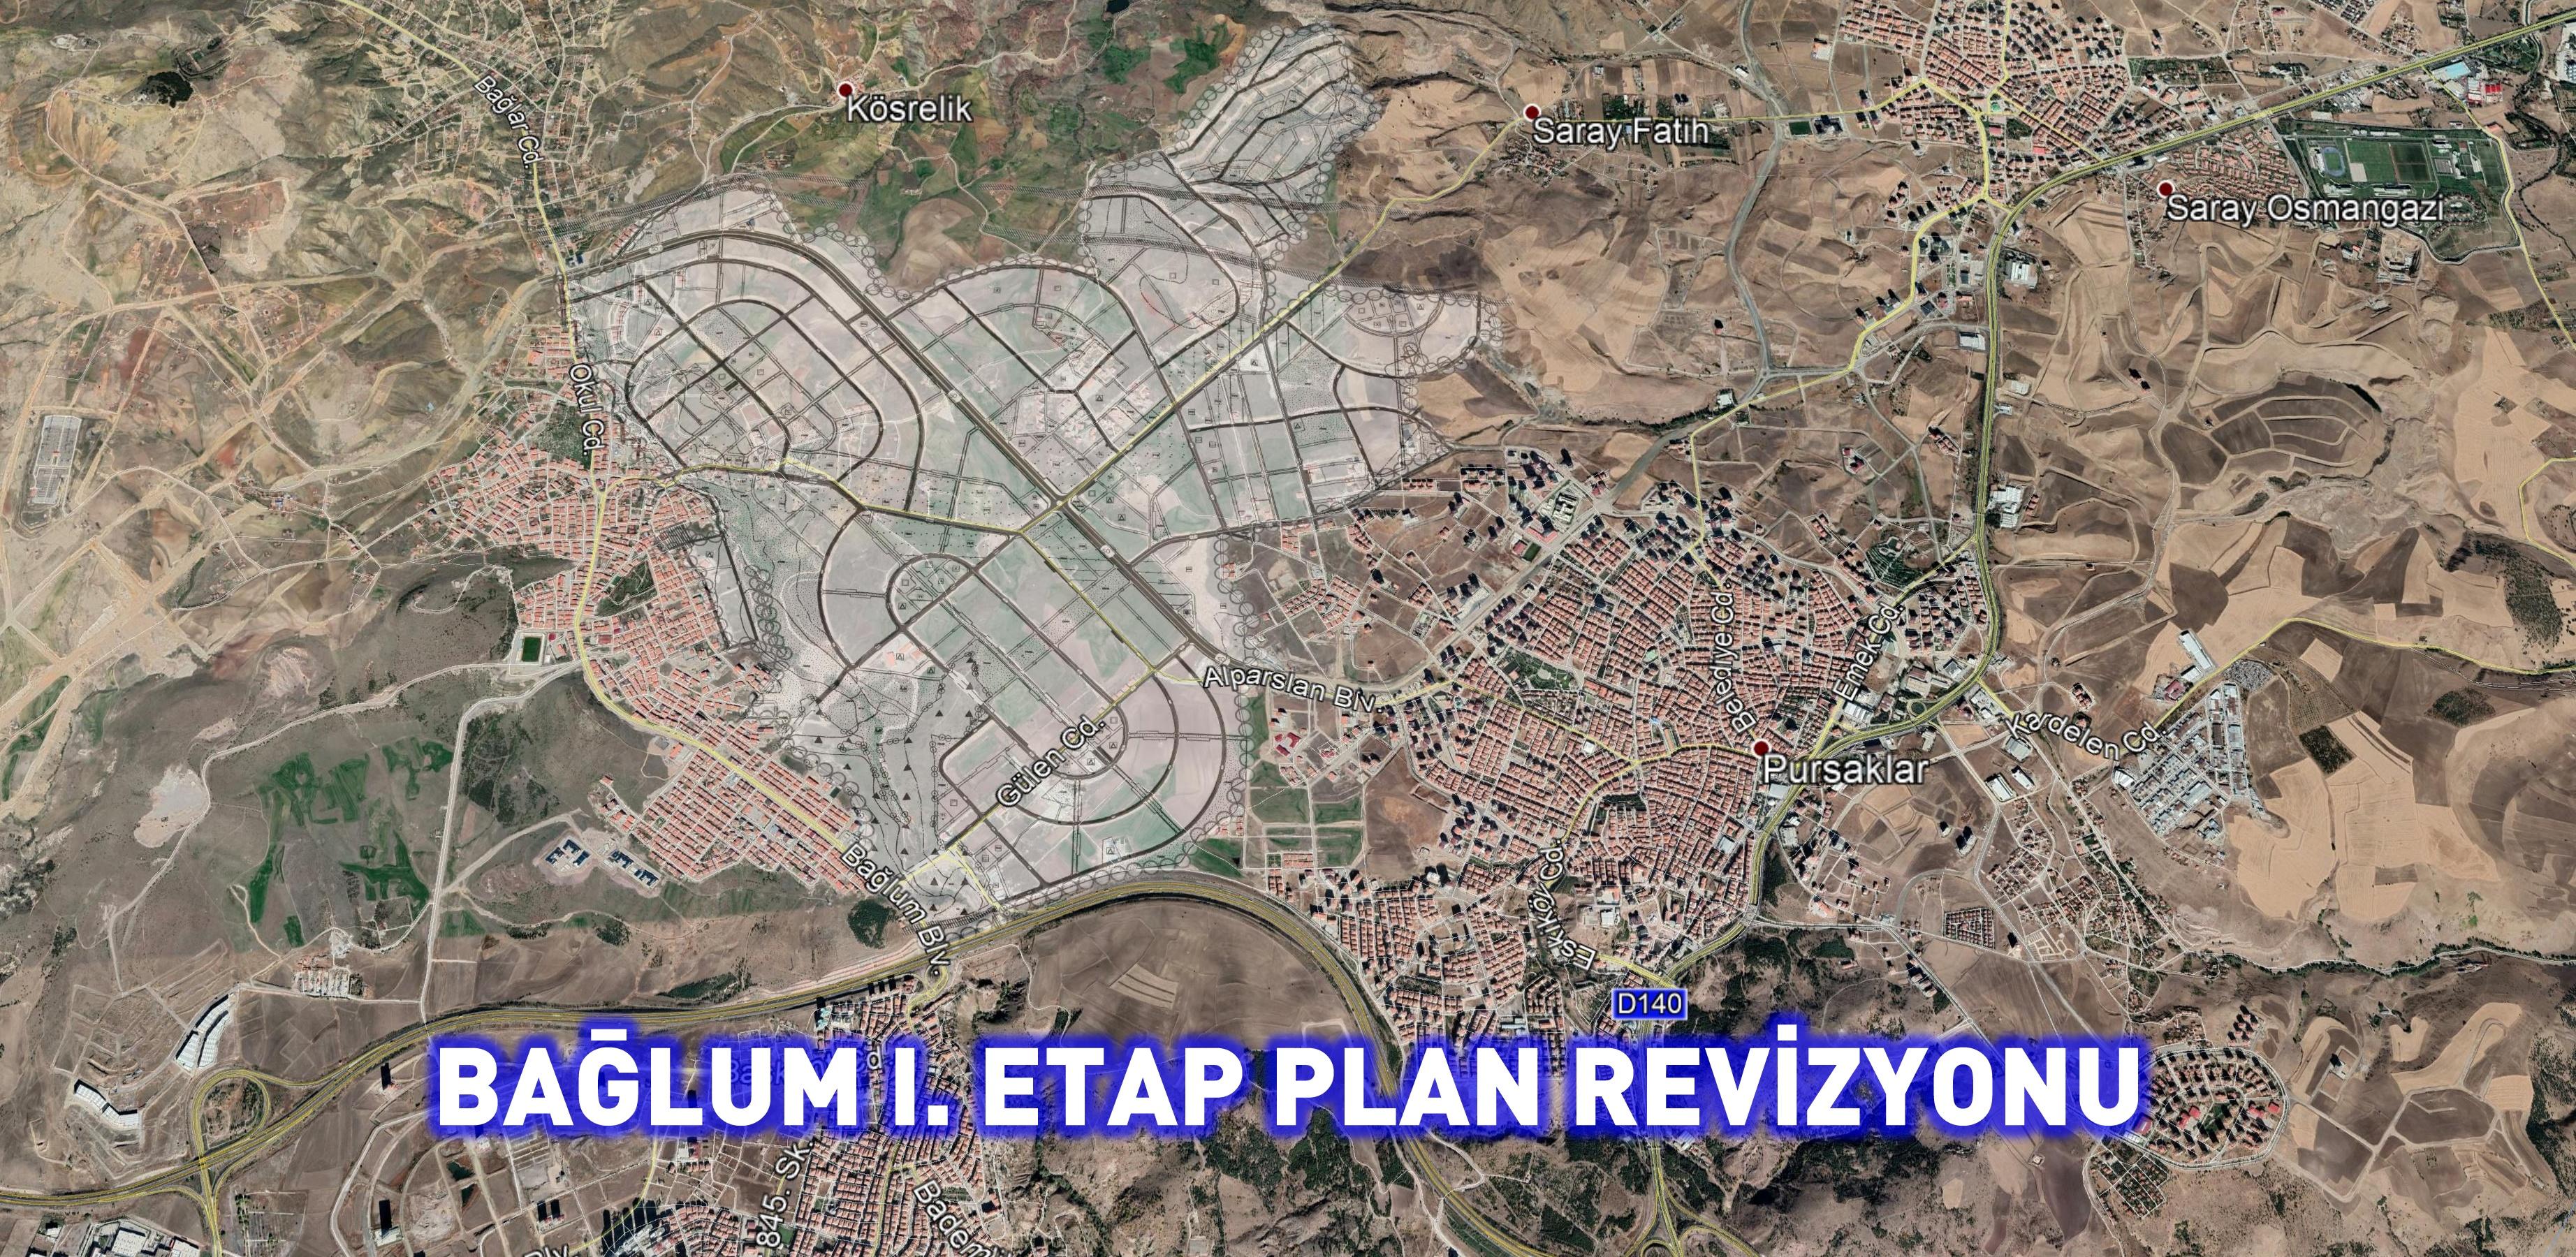 Bağlum I. Etap Plan Revizyonu…